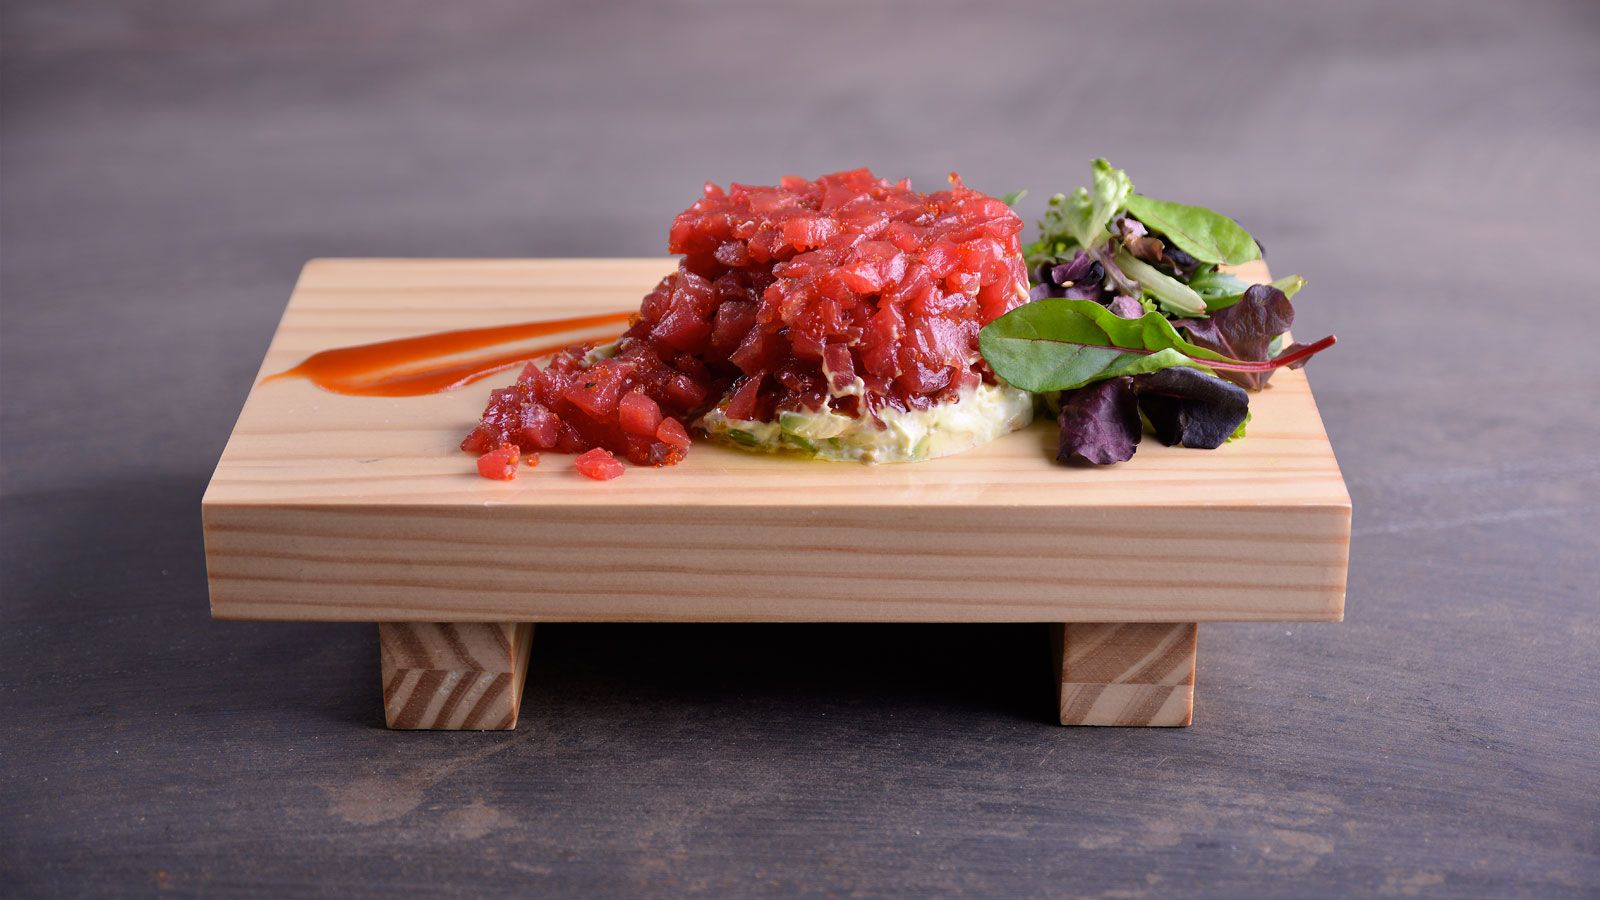 Receta tartar de atun rojo